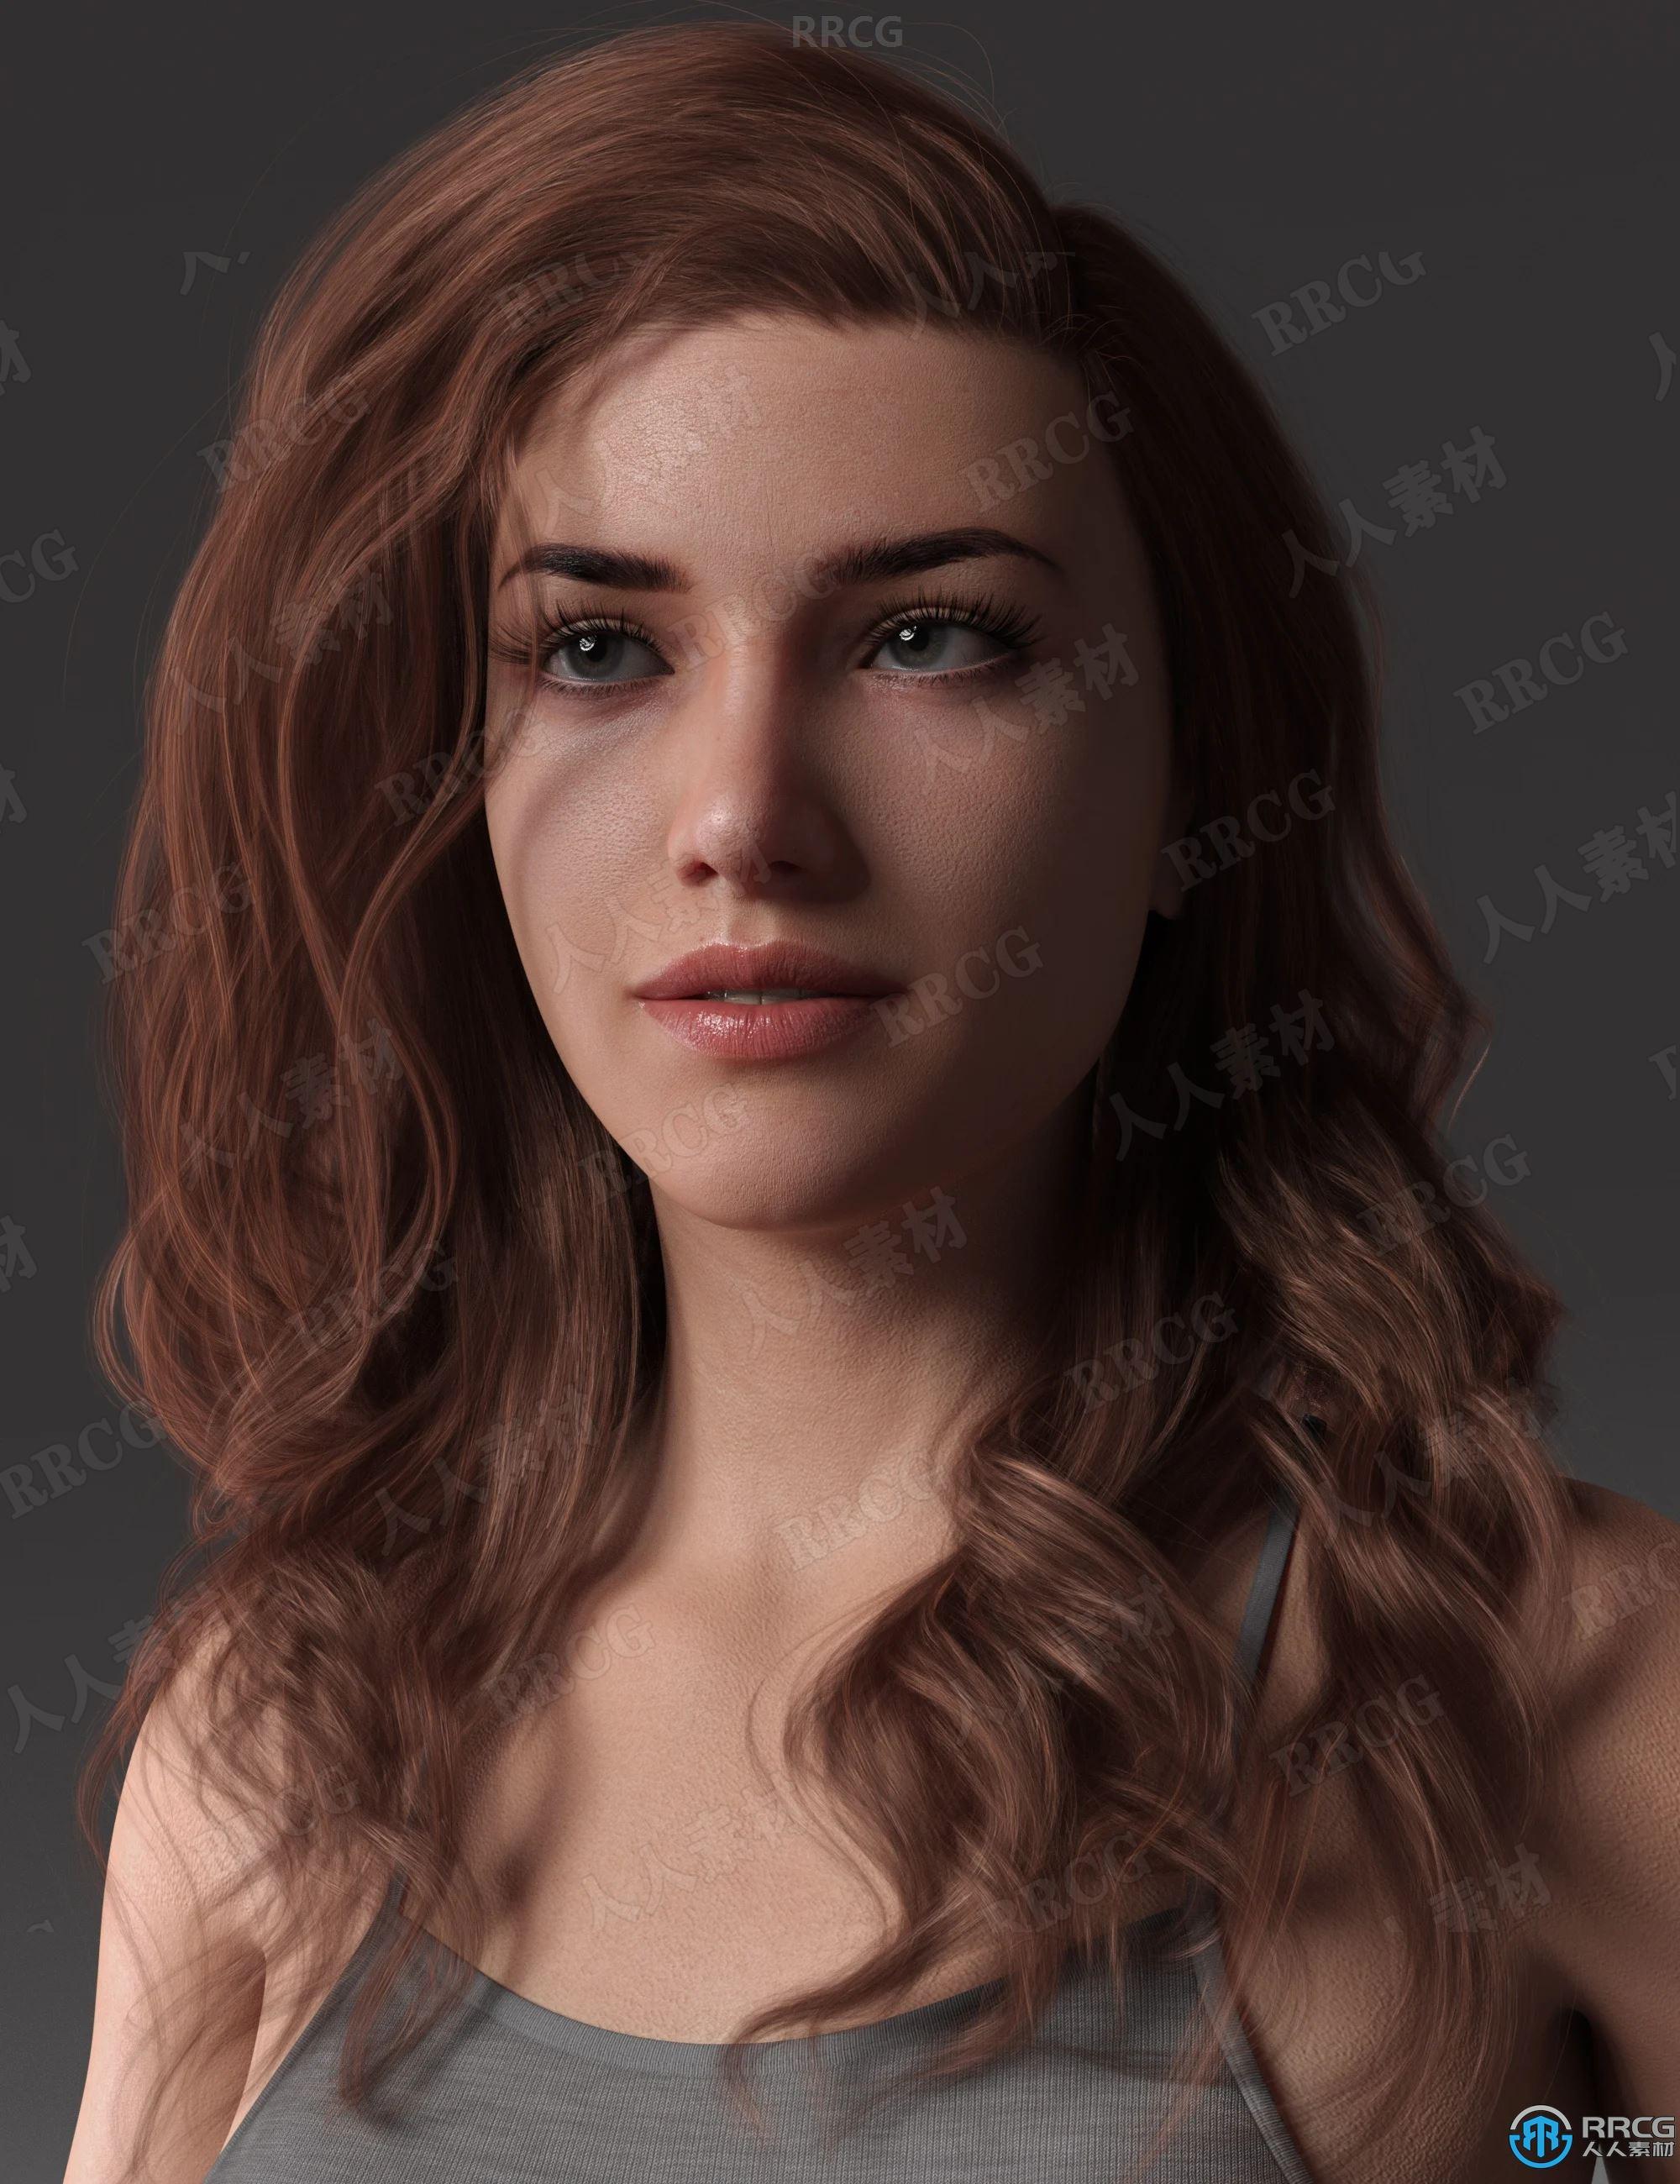 狂野性感年轻女性自然卷曲长发发型3D模型合集